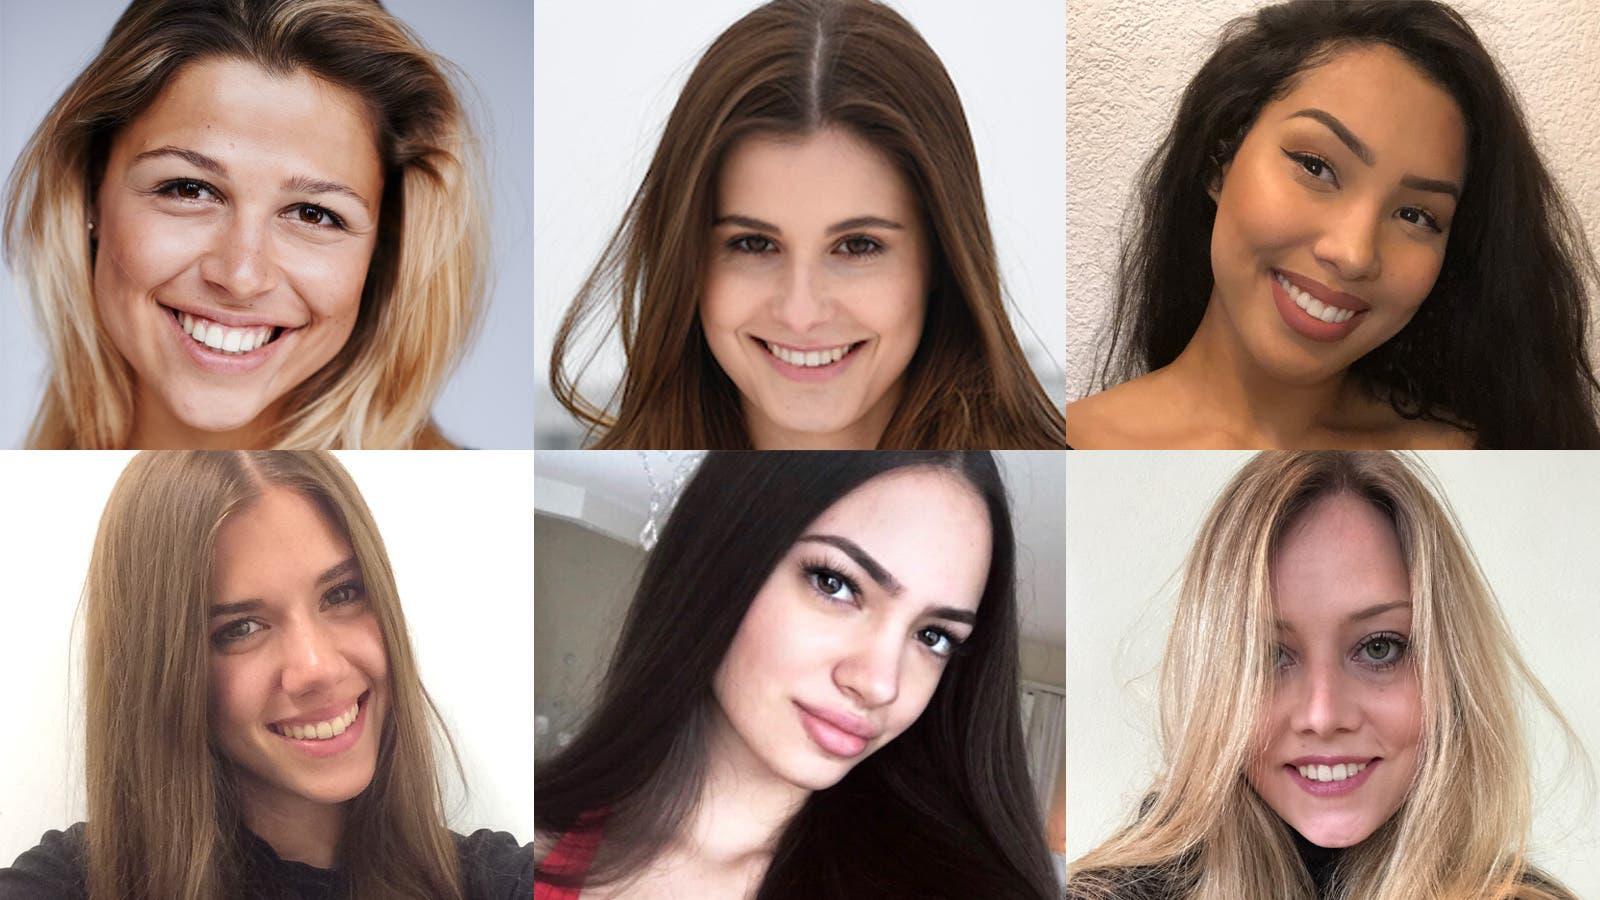 Wir stellen Ihnen die Kandidatinnen in der Bildergalerie vor.